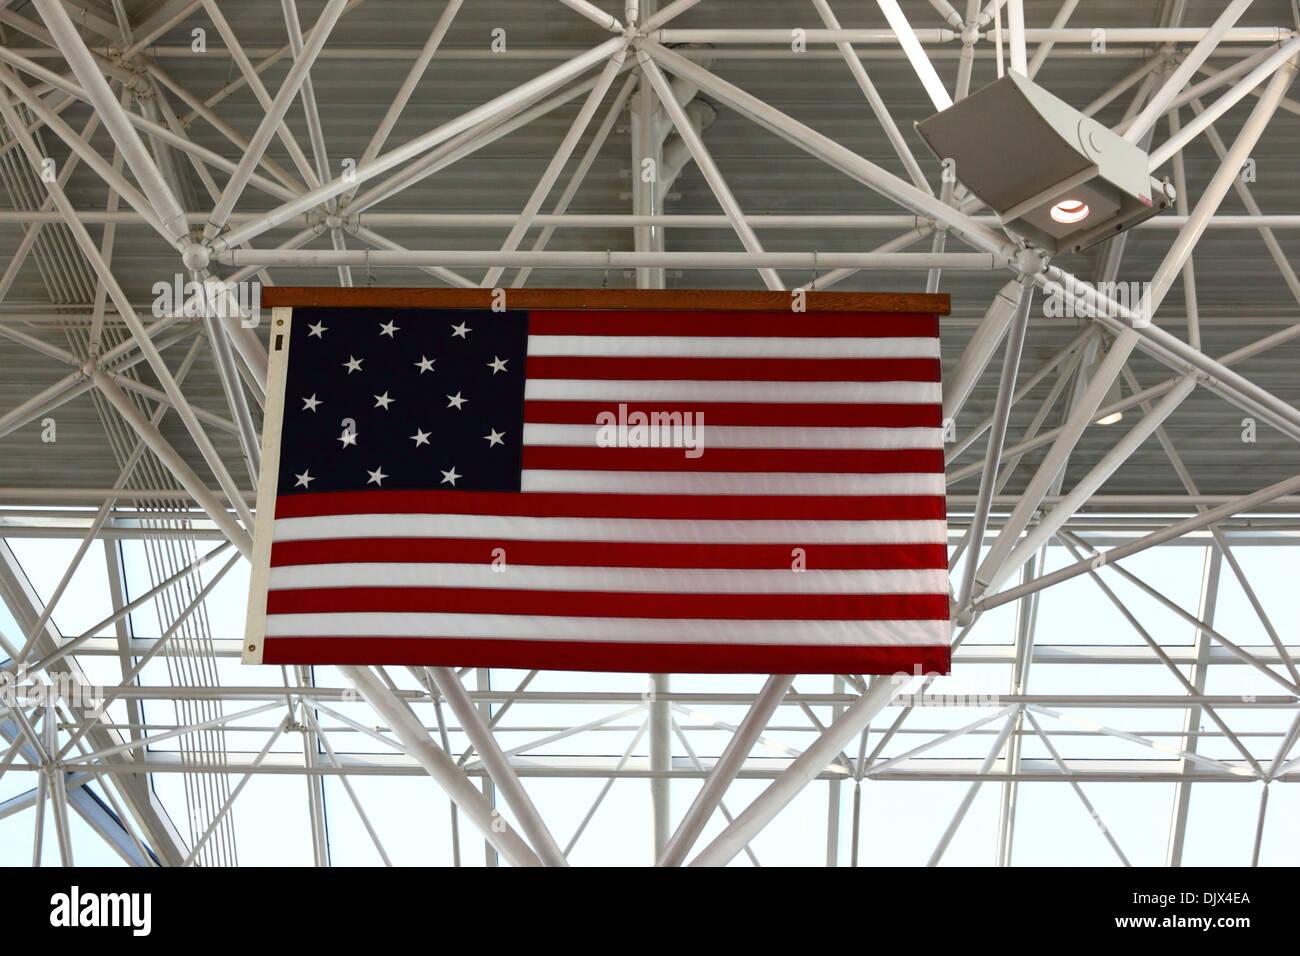 Amerikanische Flagge mit 15 Sternen und Streifen (der Stern Spangled ...